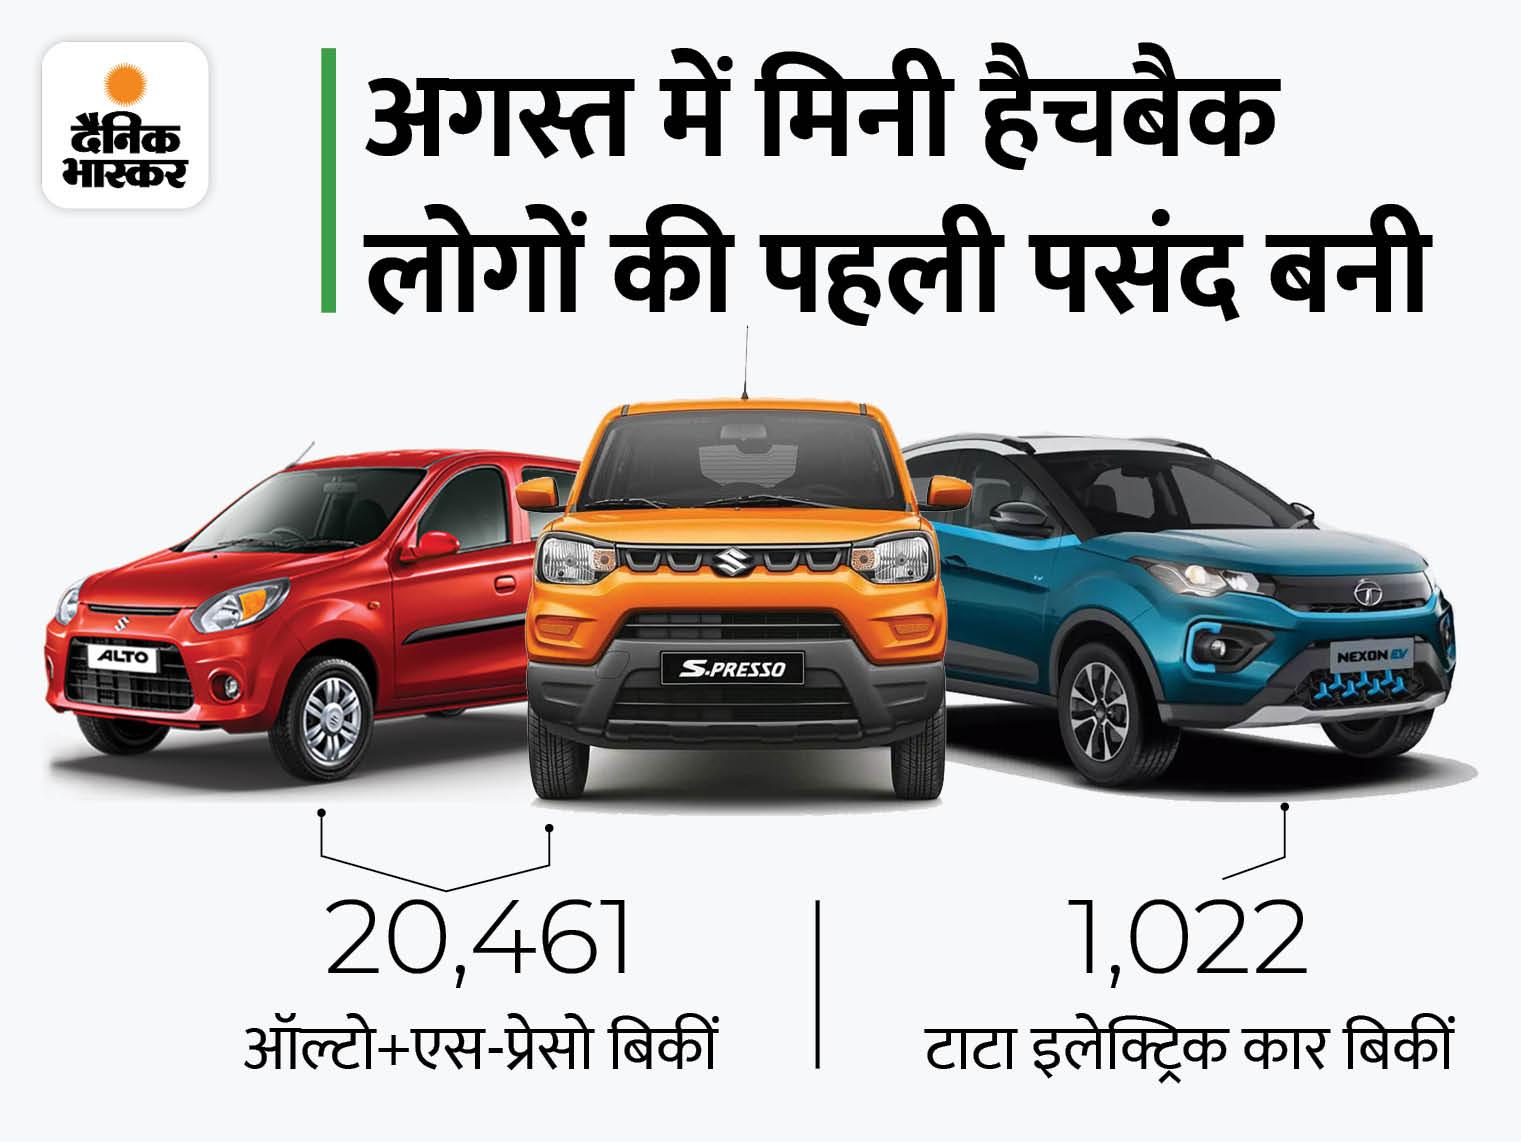 मारुति ने स्विफ्ट और वैगनआर की तुलना में ऑल्टो और एस-प्रेसो ज्यादा बेचीं, टाटा की इलेक्ट्रिक कार को 234% की ग्रोथ मिली|टेक & ऑटो,Tech & Auto - Dainik Bhaskar